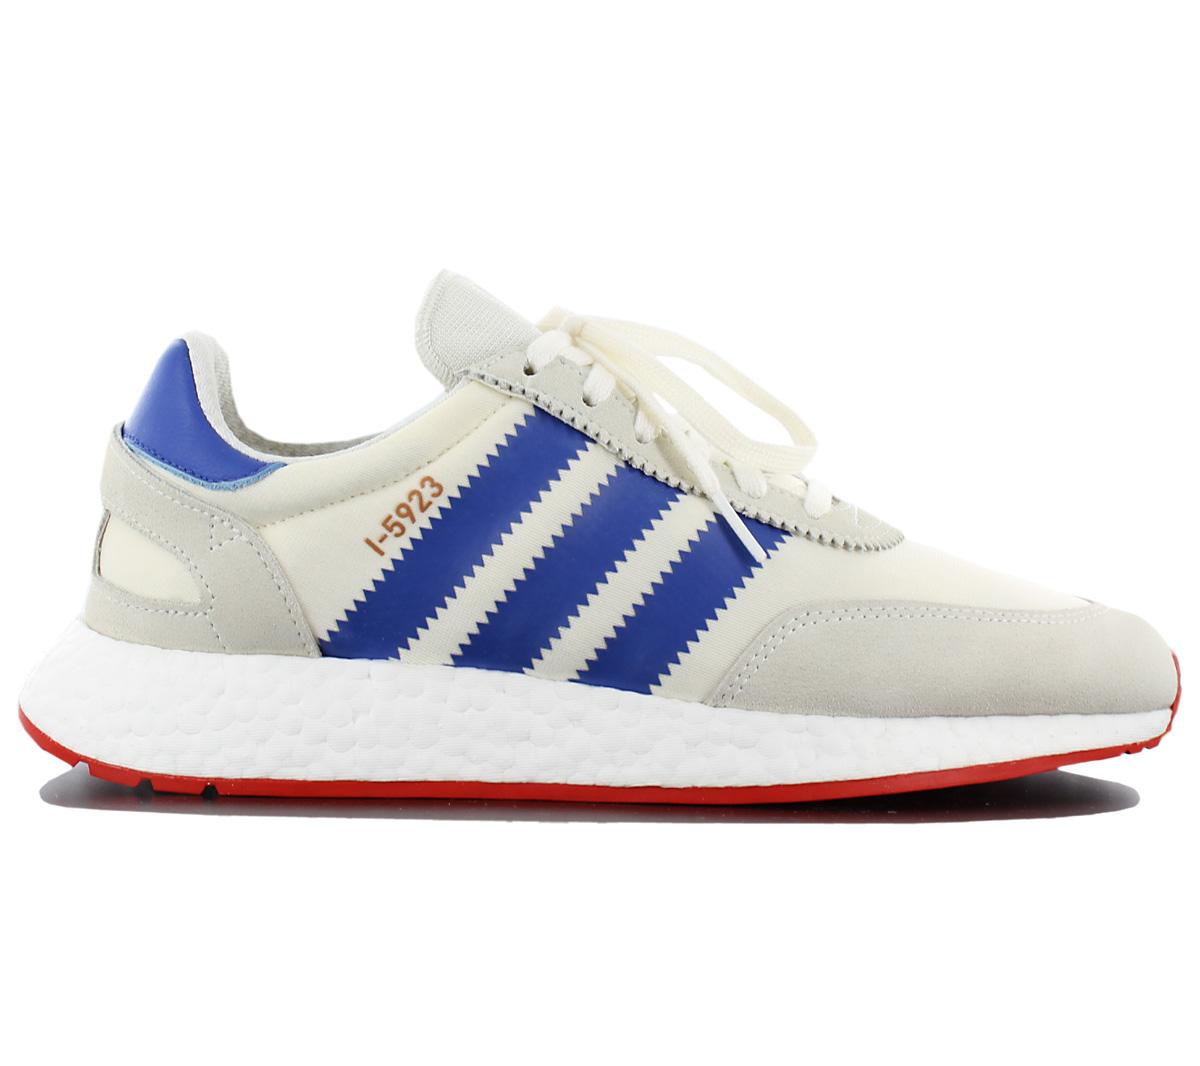 Adidas Originals Iniki I-5923 Herren Sneaker NEU Schuhe Retro Fashion Turnschuhe NEU Sneaker 33a552